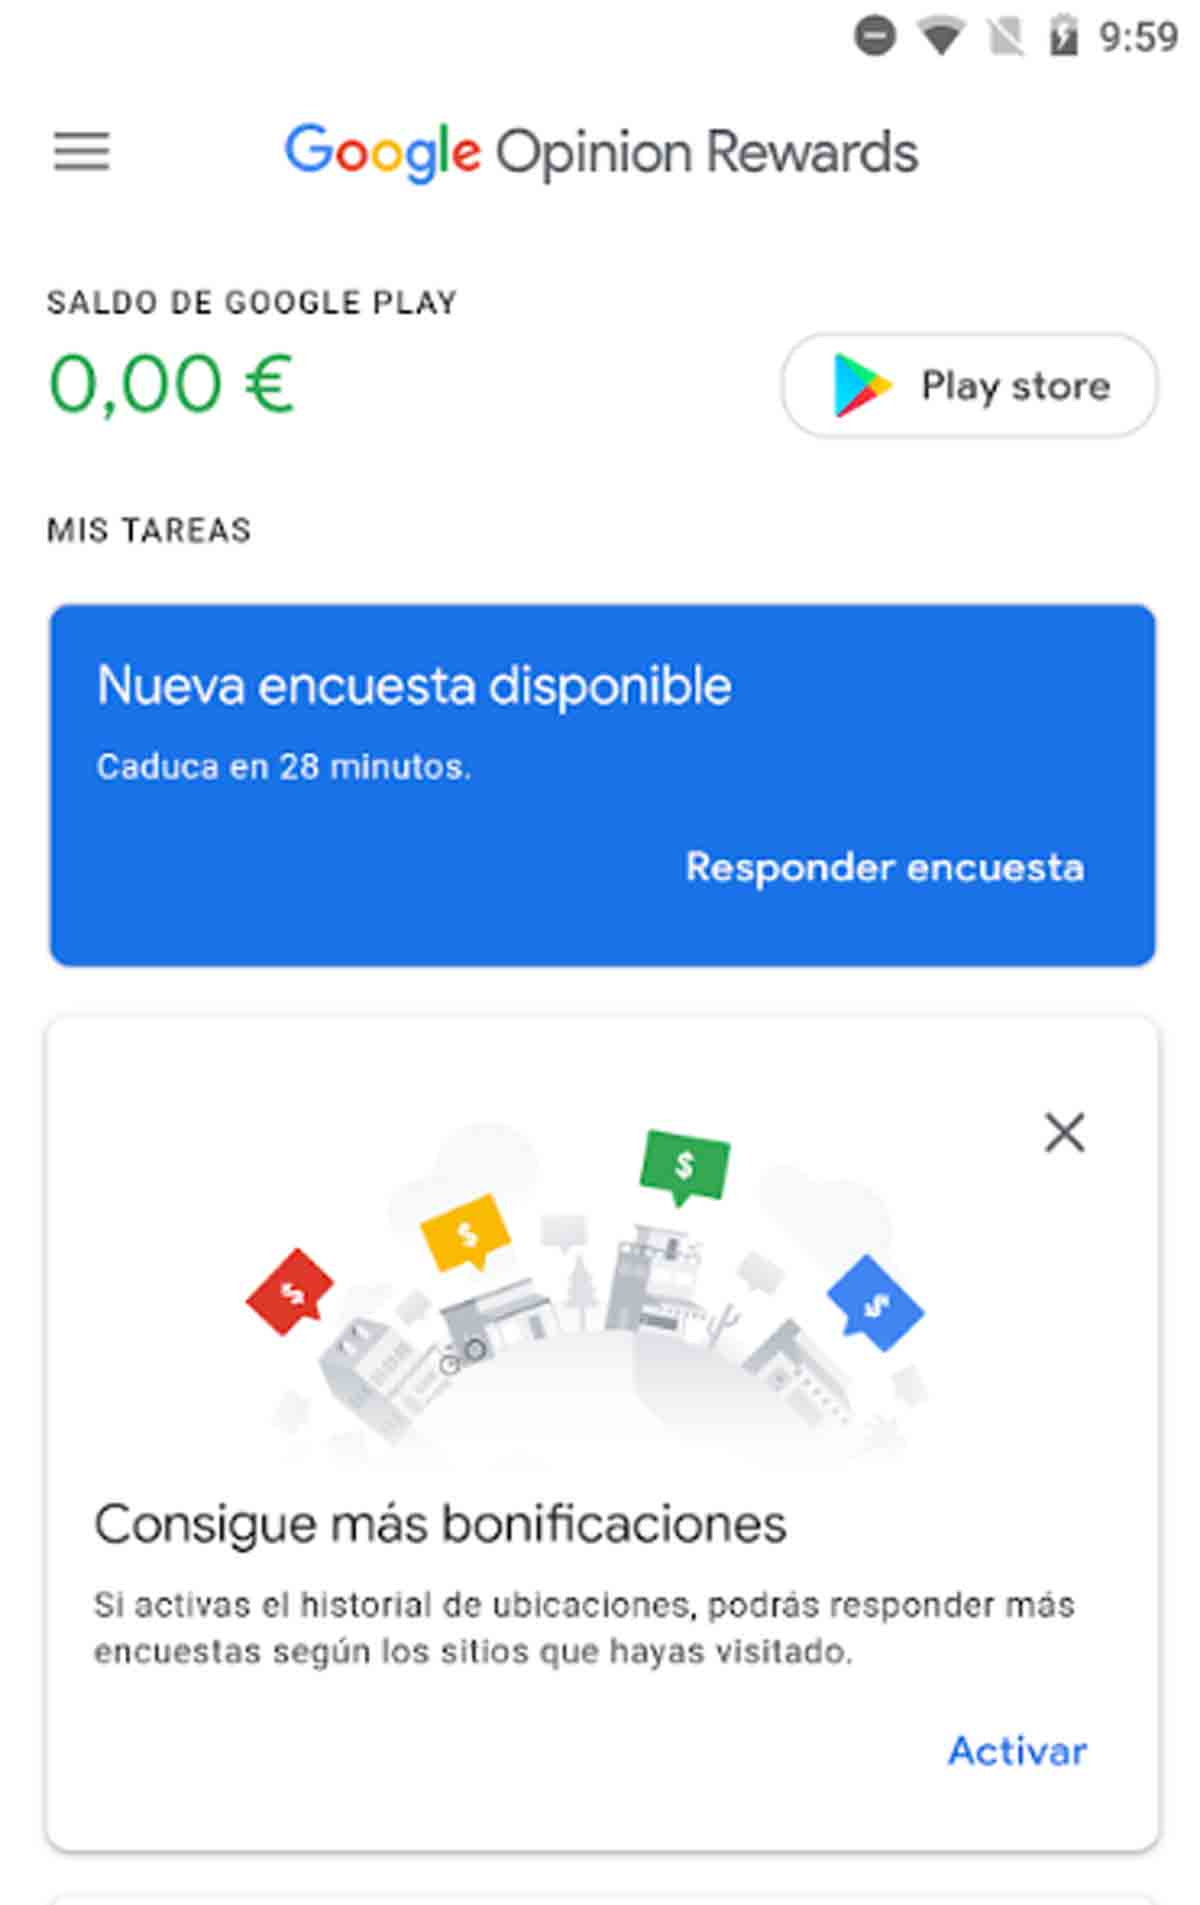 Nueva encuesta disponible en Google Opinion Rewards